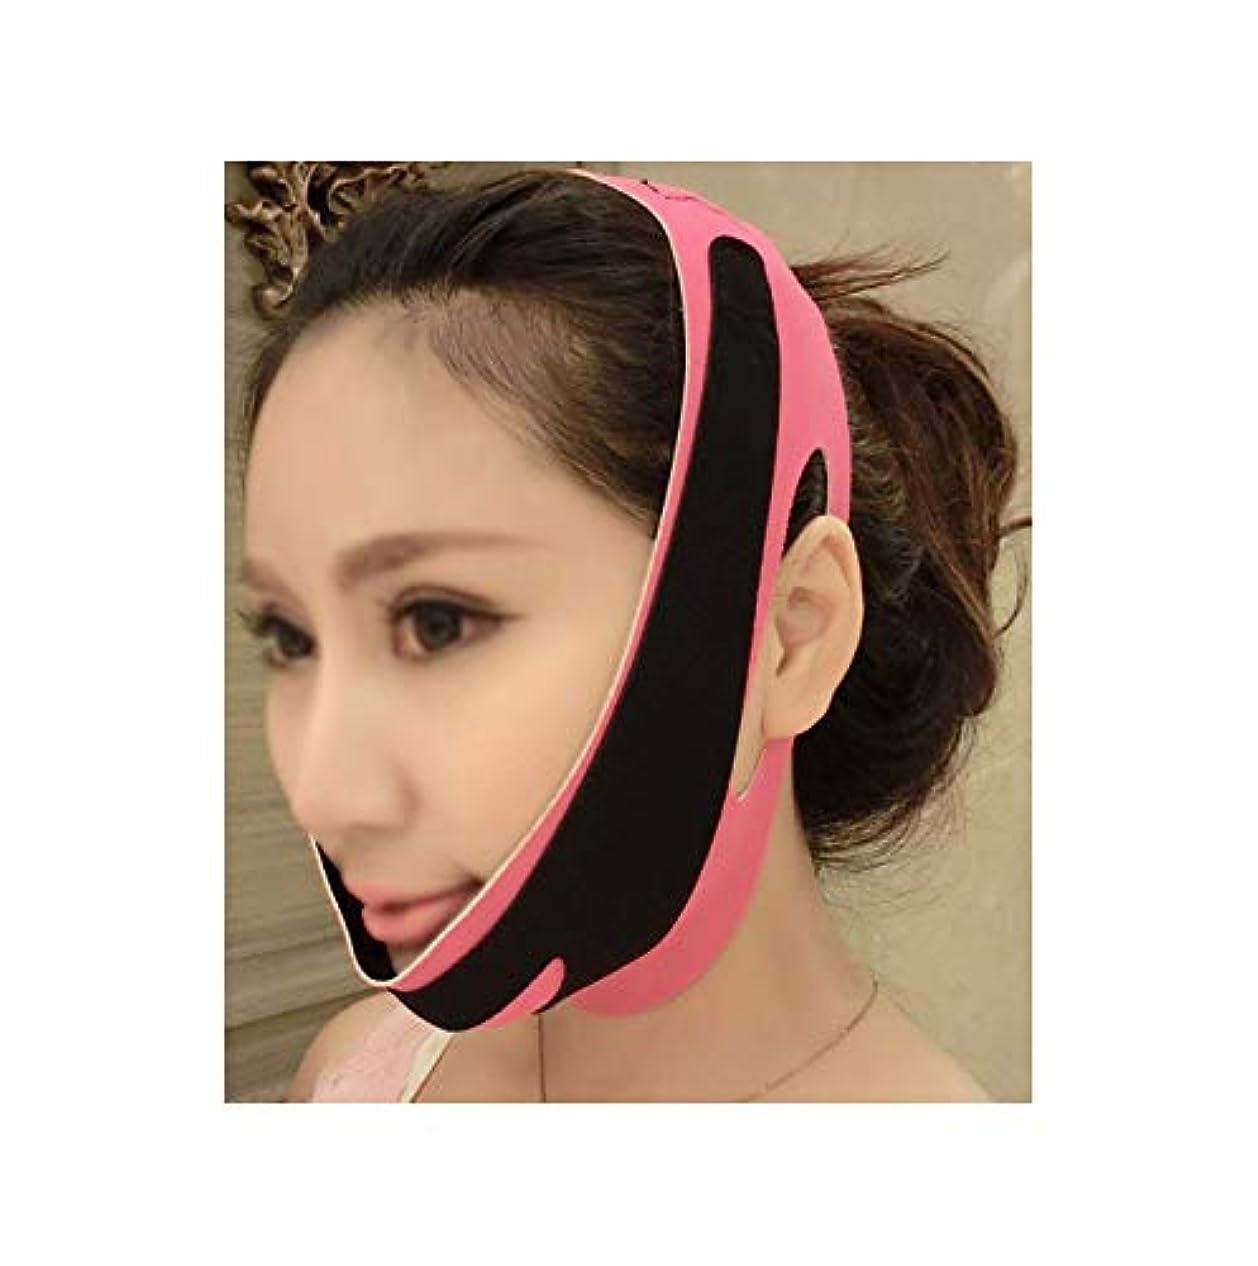 ステーキスクワイア信頼性薄い顔包帯フェイススリム二重あごを取り除きますVラインフェイスシェイプを作成チンチークリフトアップアンチリンクルリフティングベルトフェイスマッサージツール女性と女の子